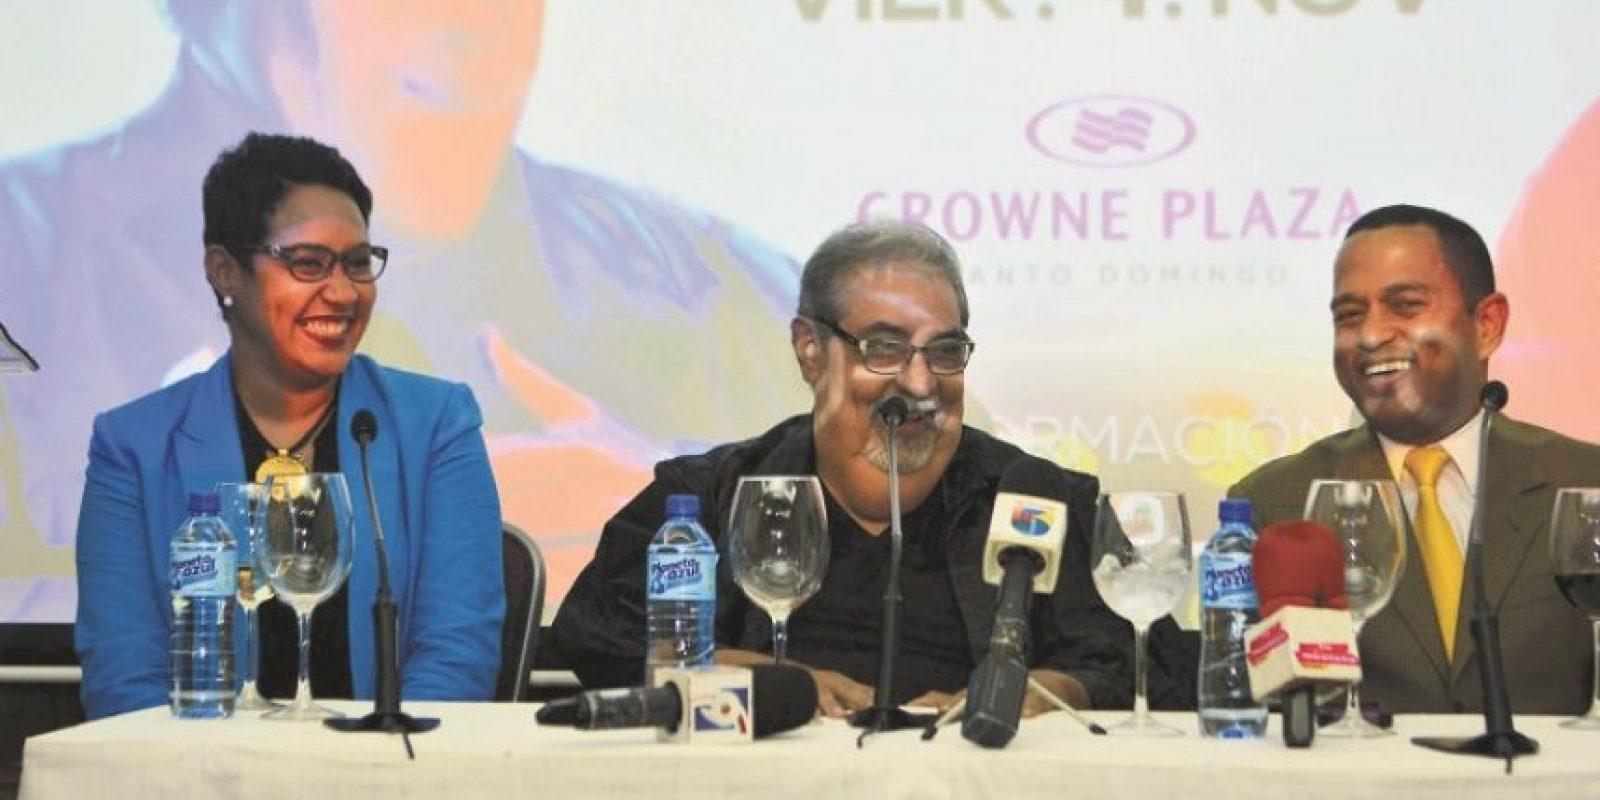 Anthony Ríos se notó alegre y preparado para continuar su carrera. Foto:Fuente externa